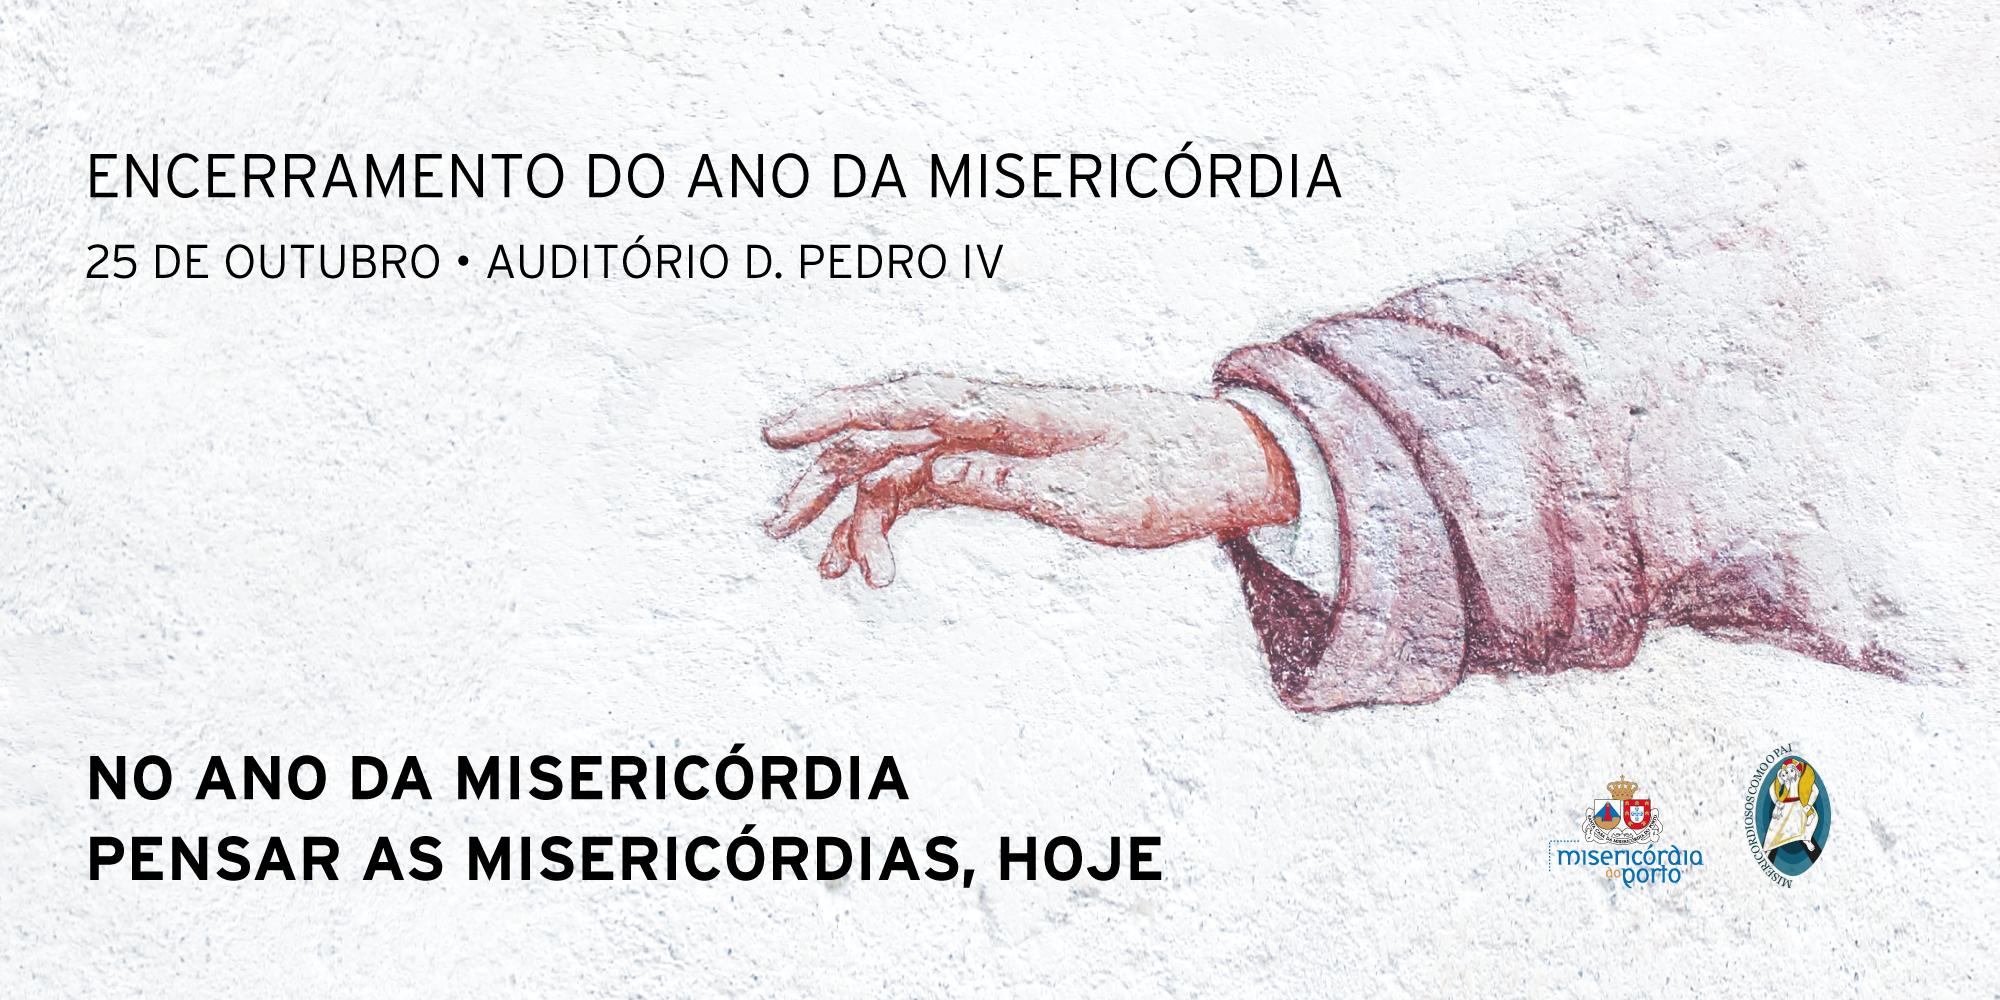 https://www.scmp.pt/assets/misc/img/slider_homepage/MP-encerramentoano-banner-v01.jpg